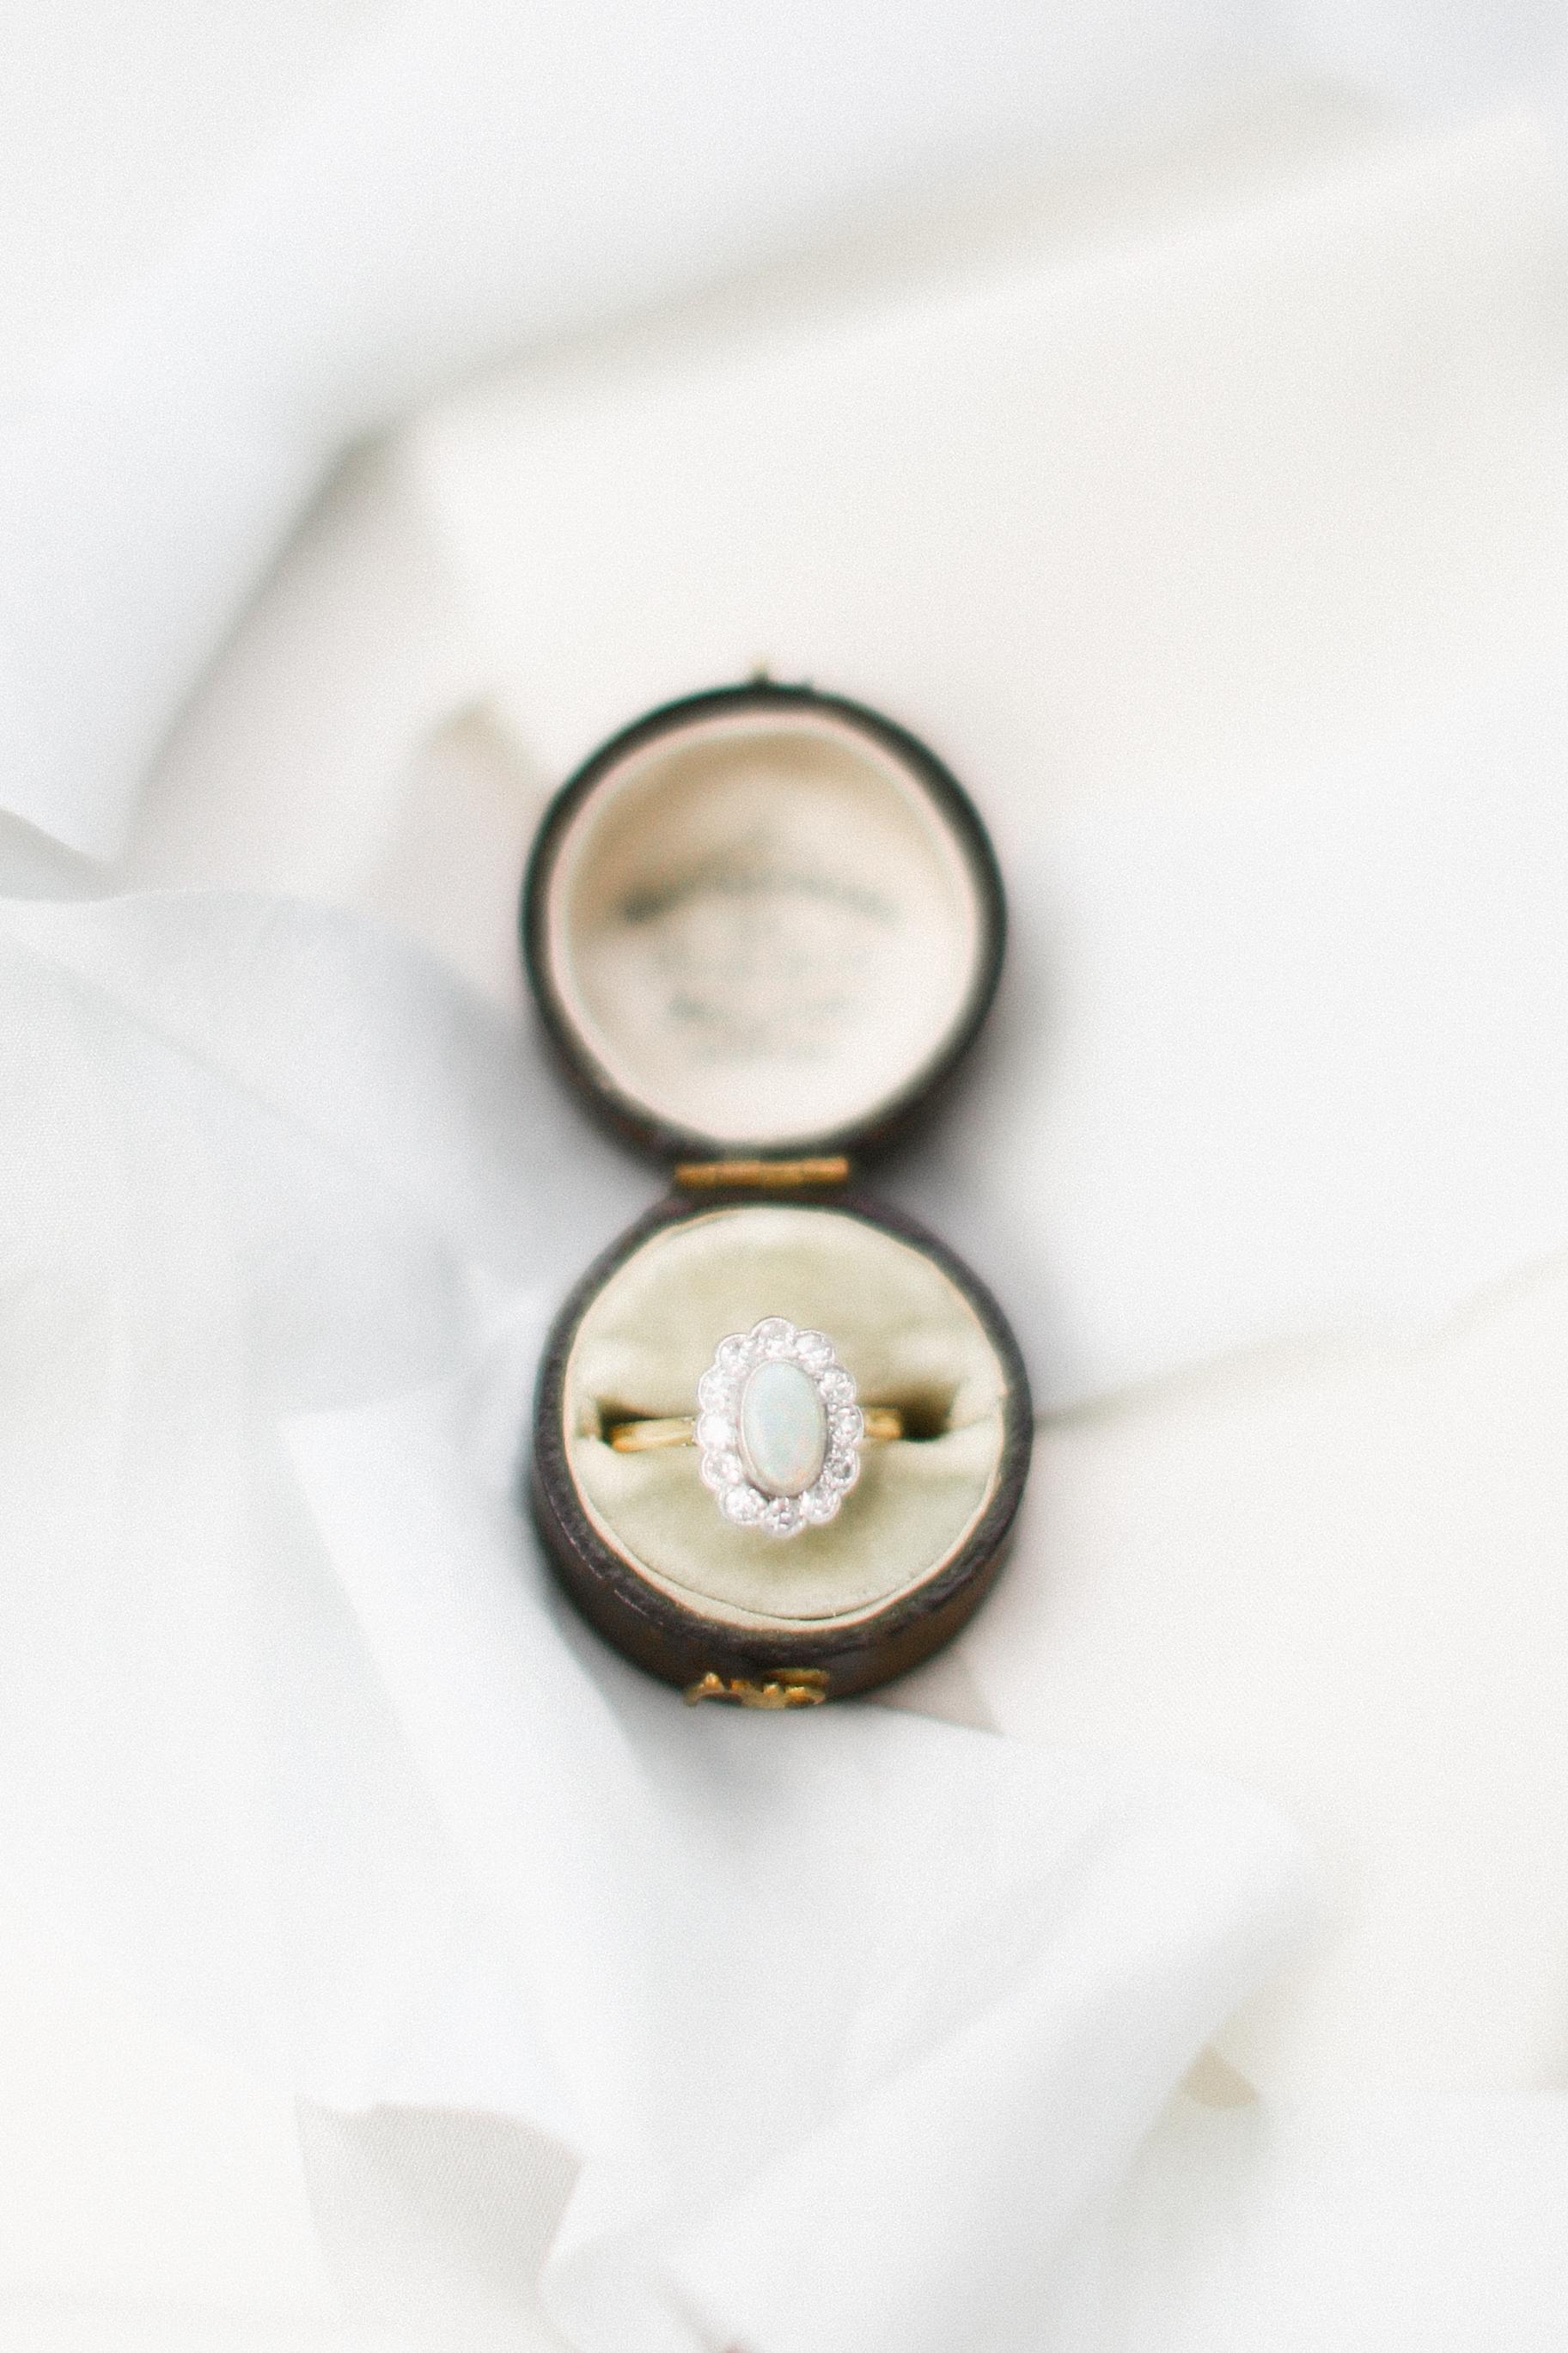 Opal Wedding Ring in a Box